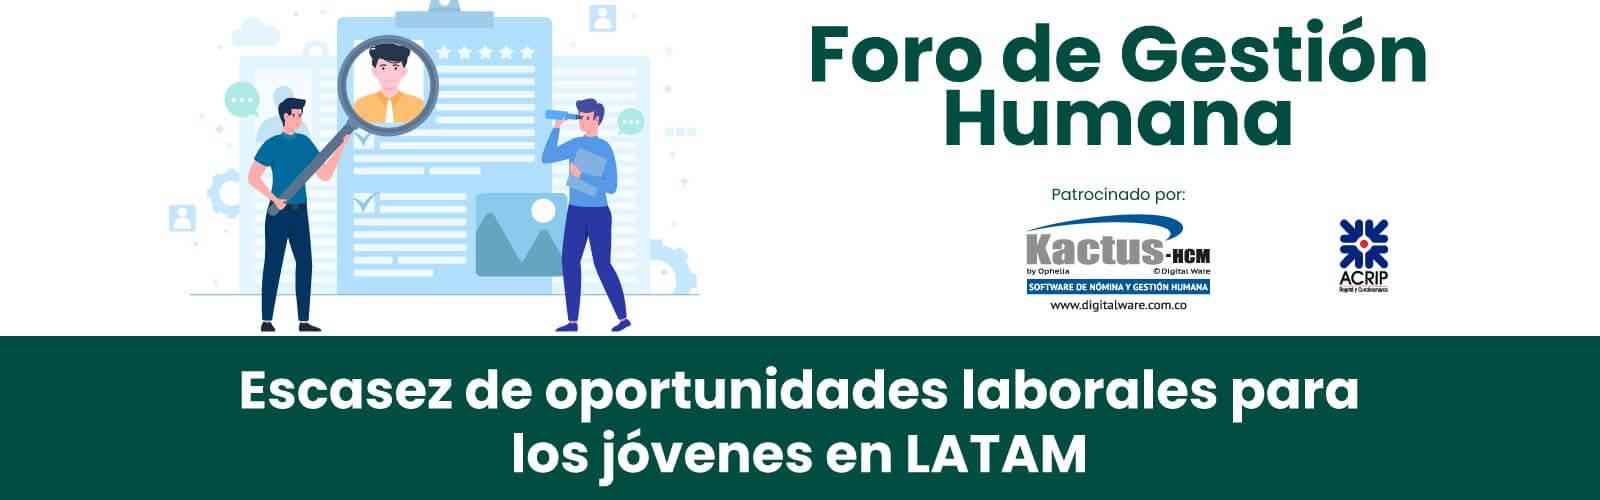 Escasez de oportunidades laborales para los jóvenes en LATAM